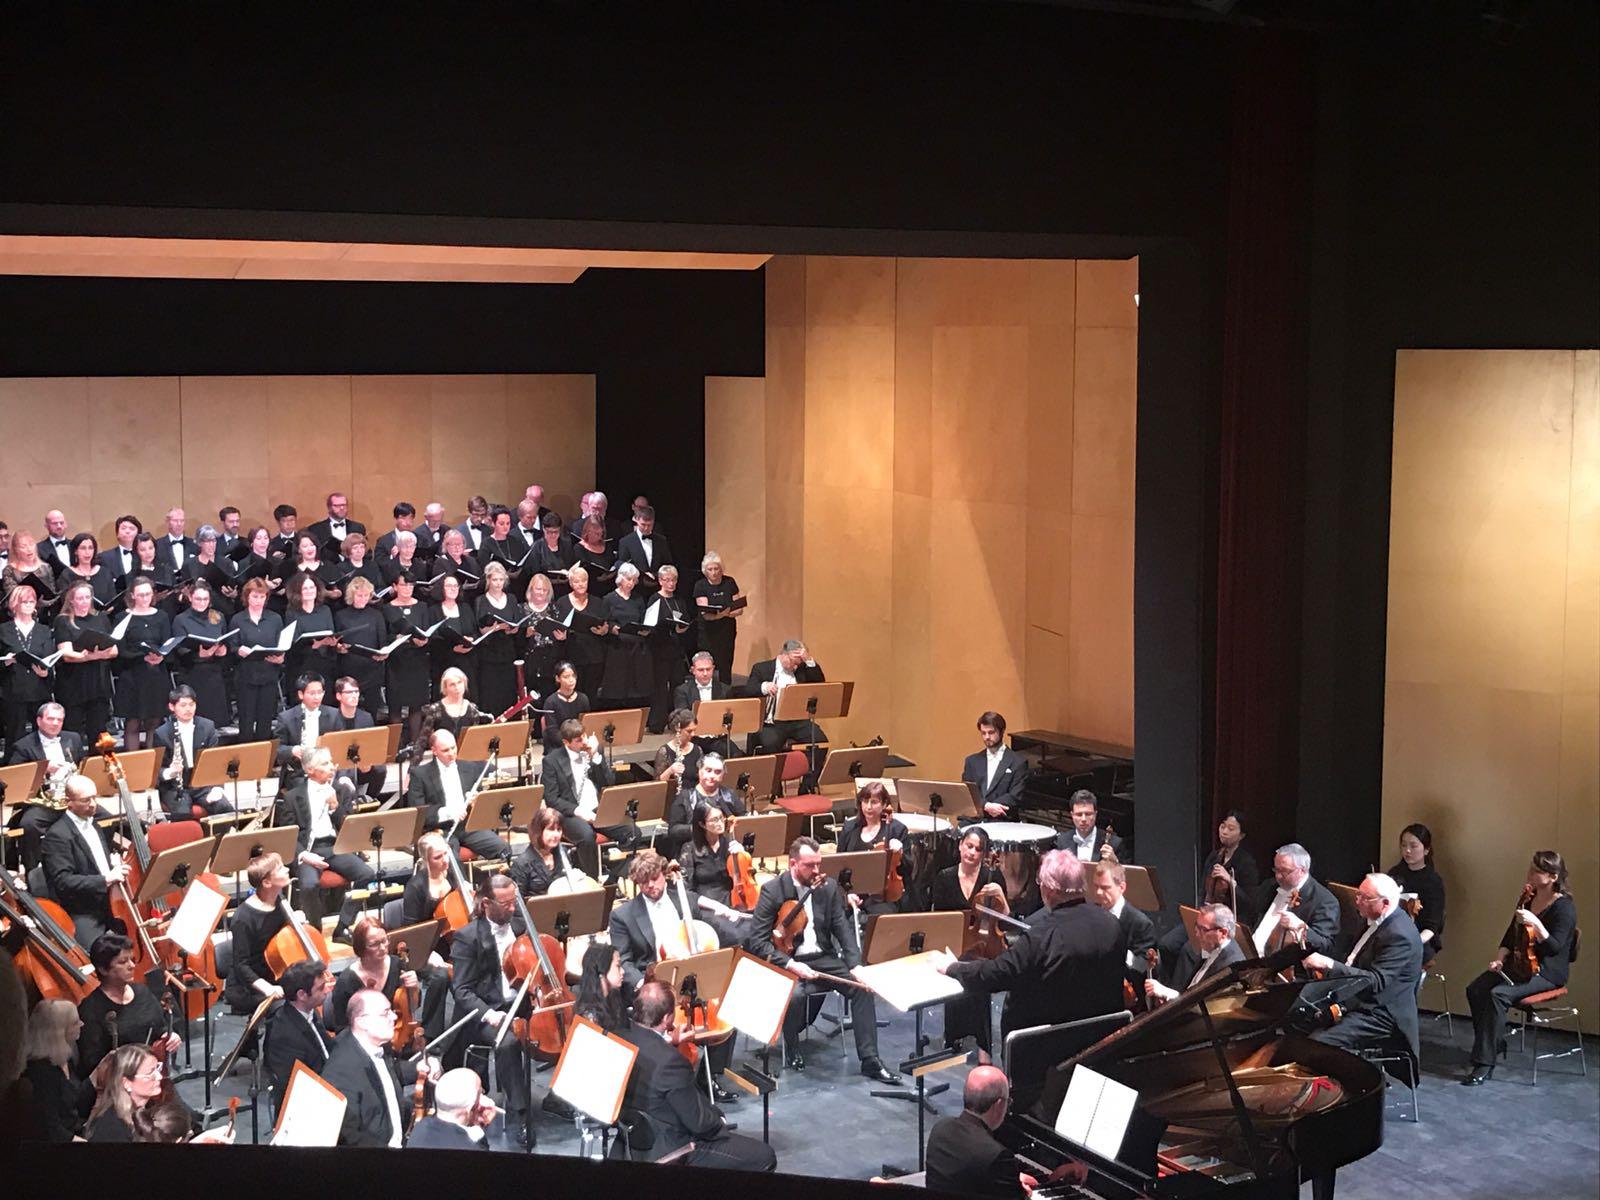 Sinfoniekonzert zur Reichspogromnacht im Theater Nordhausen 2018